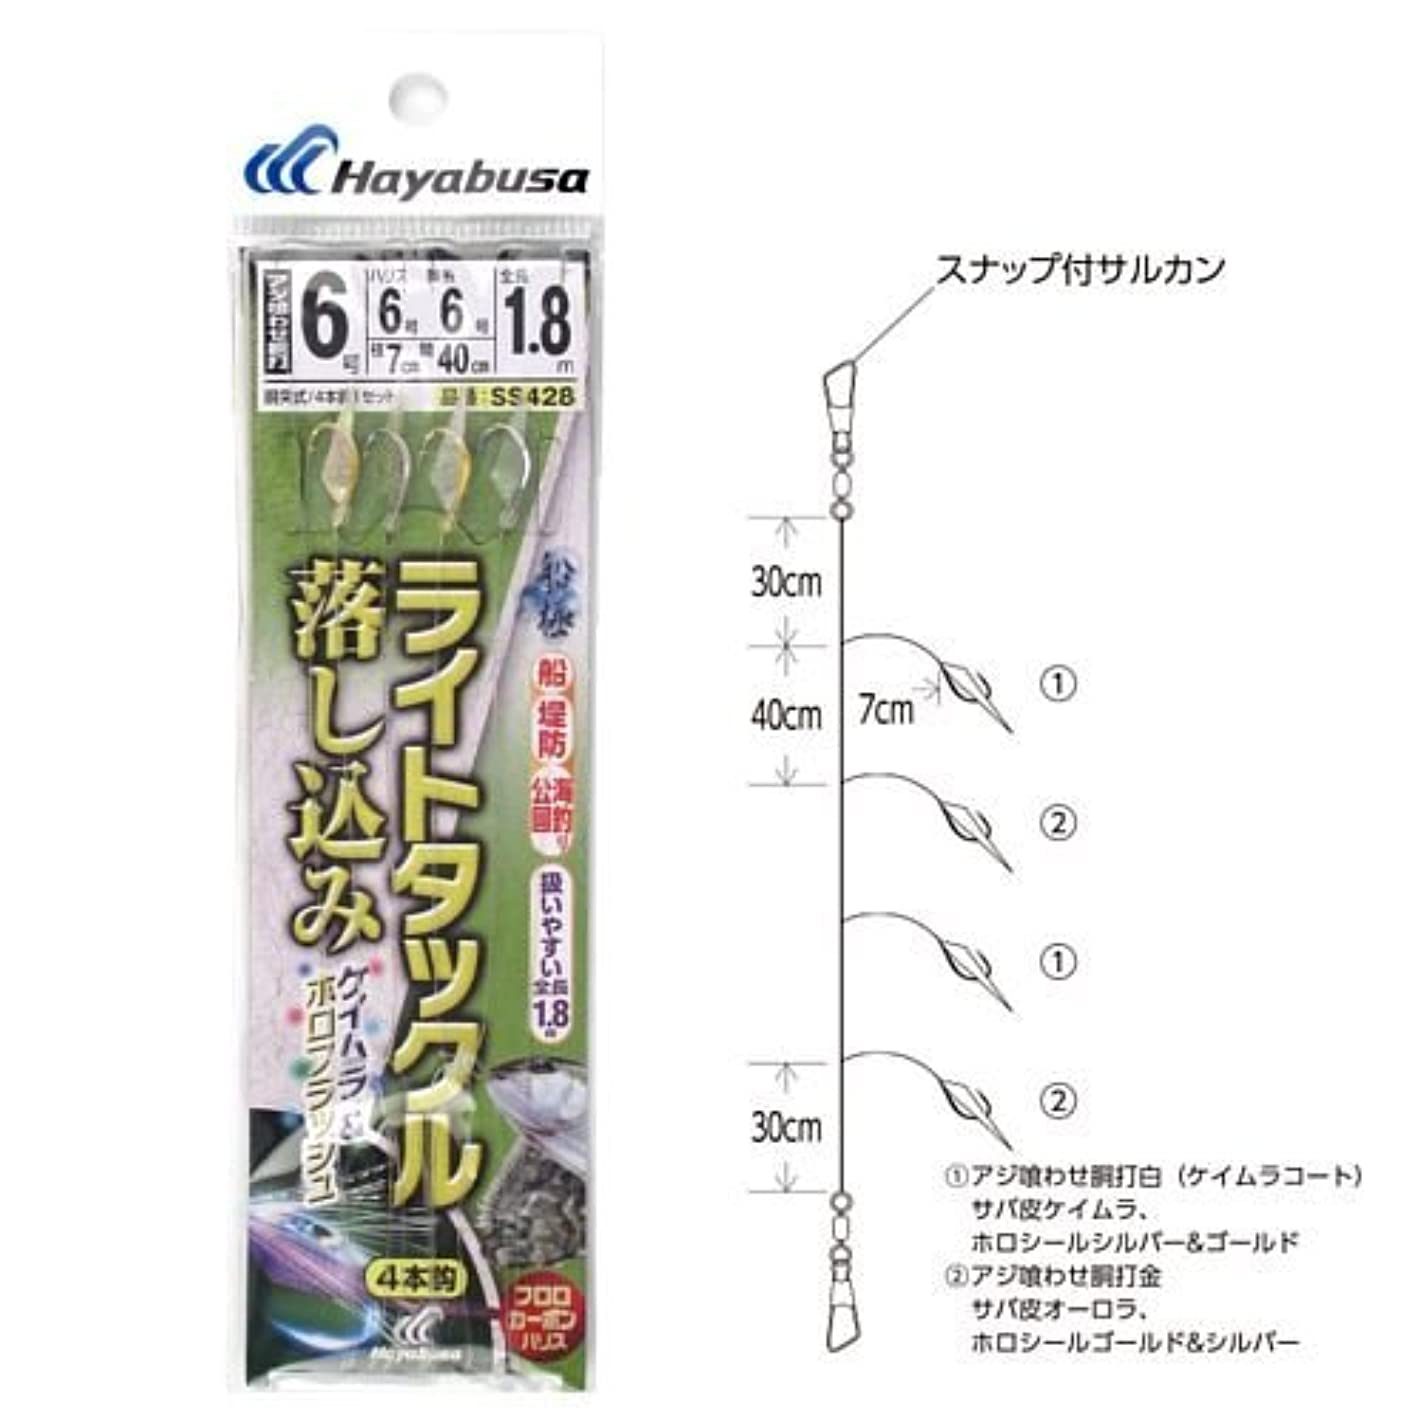 機関車観点測定ハヤブサ(Hayabusa) 船極喰わせサビキ ライトタックル 落し込み ケイムラ&ホロフラッシュ4本 SS428 6-6-6